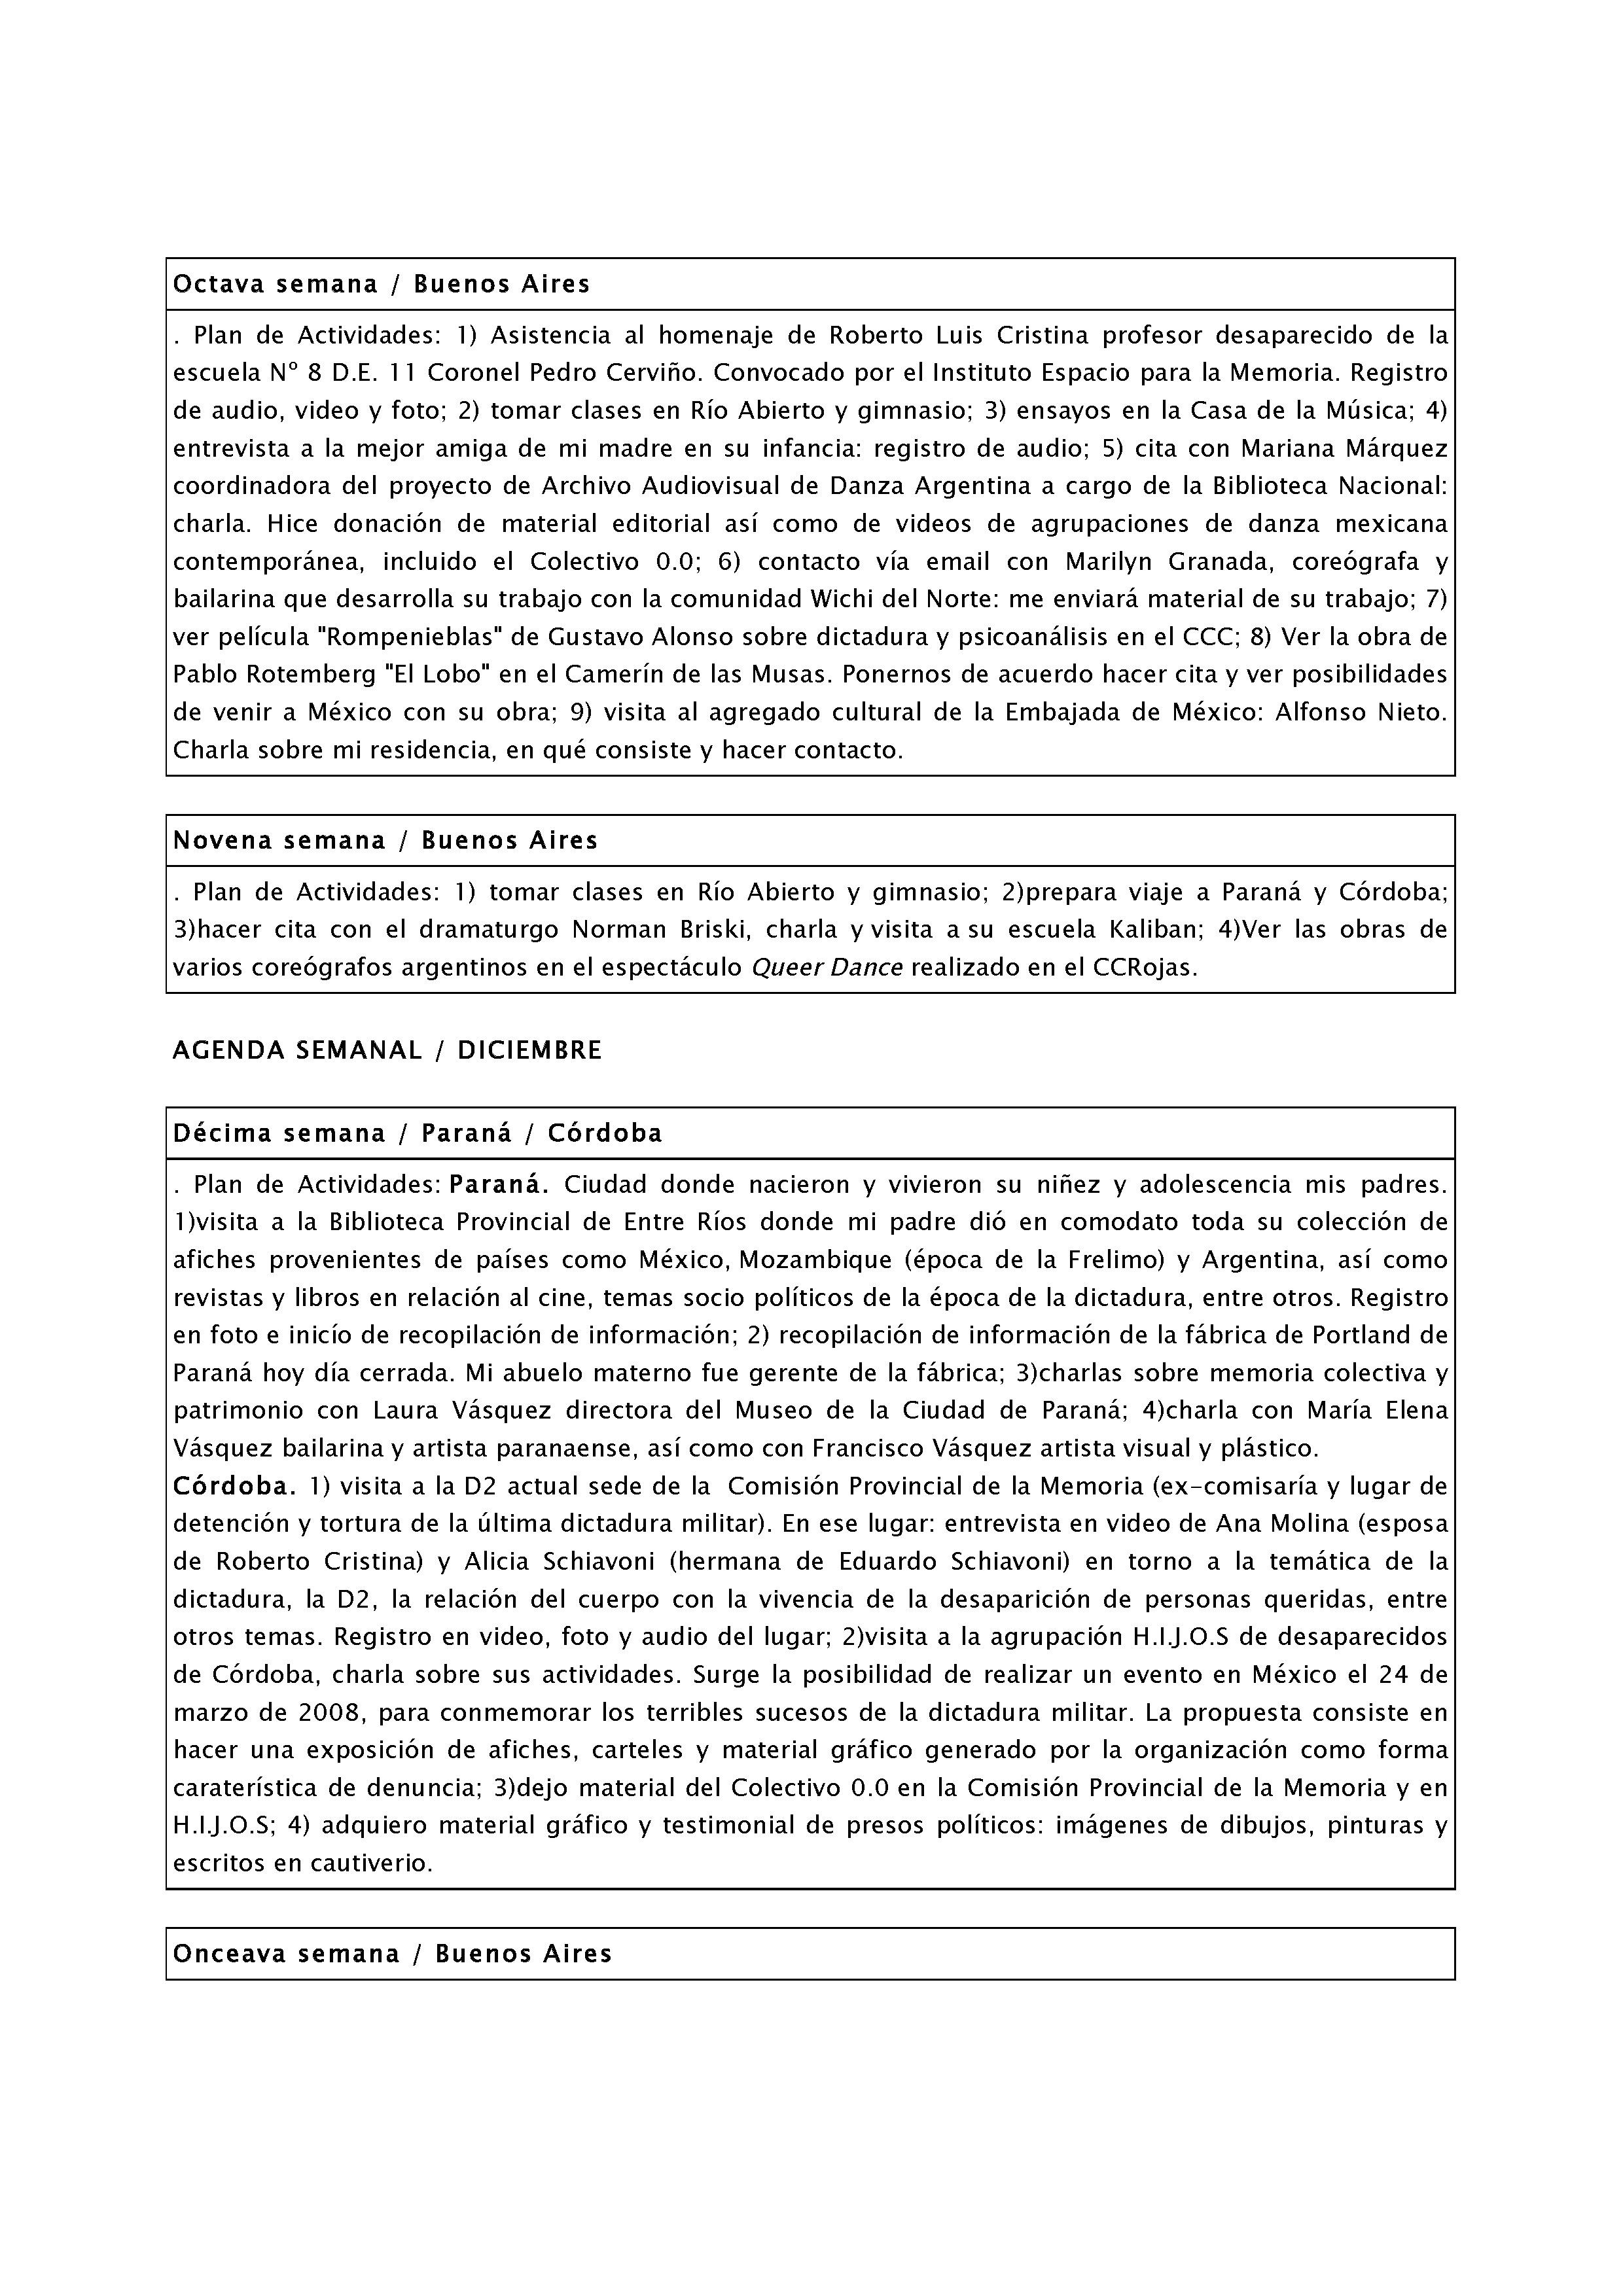 ResArg ULTIMO_Page_11.jpg